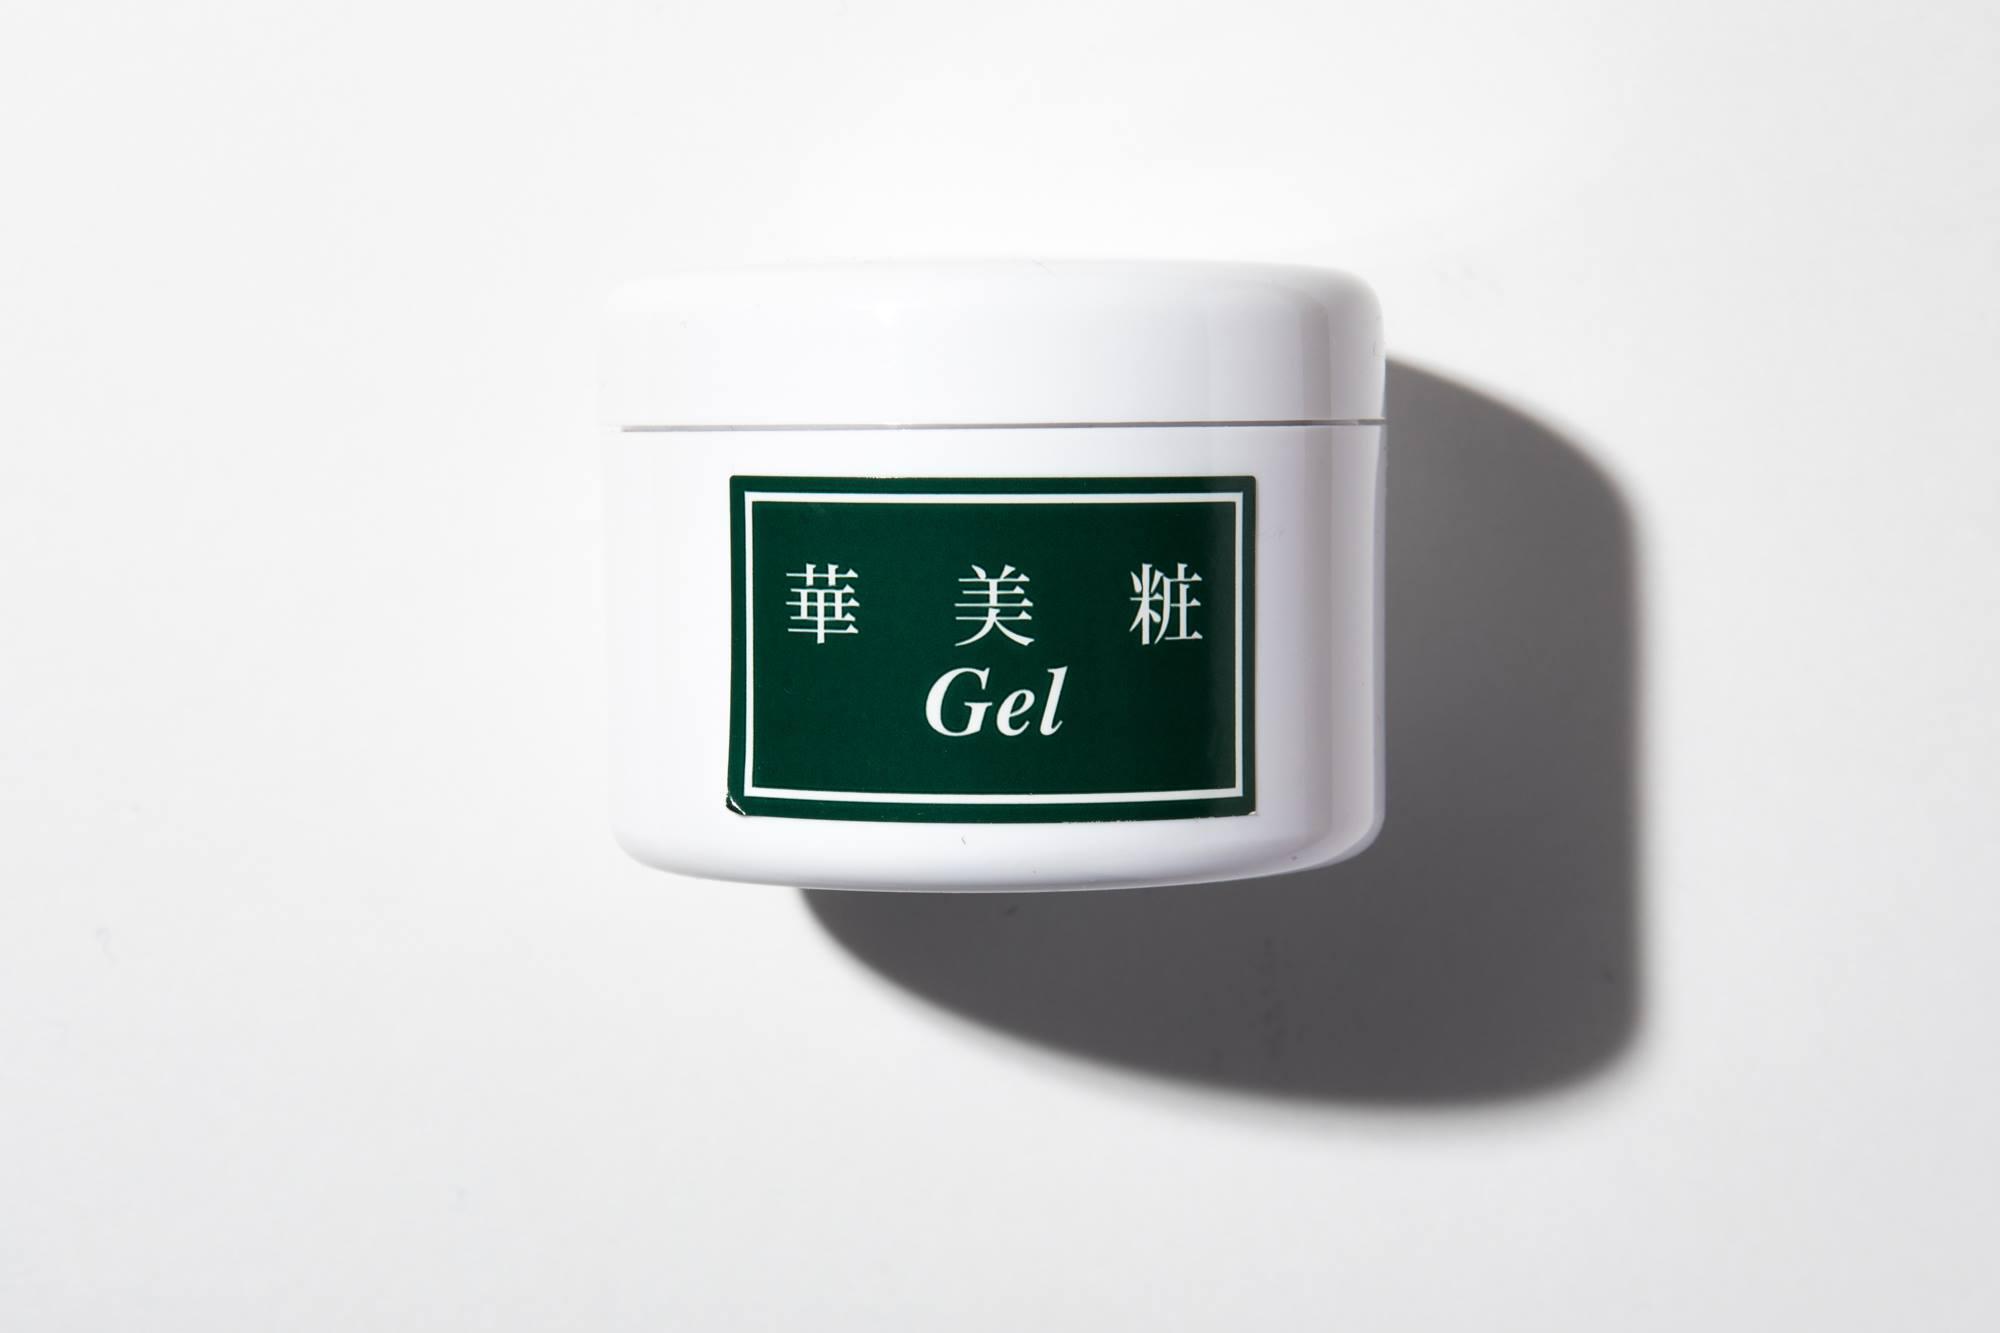 華美粧-孟宗竹エキス35%配合全身美容ジェル-